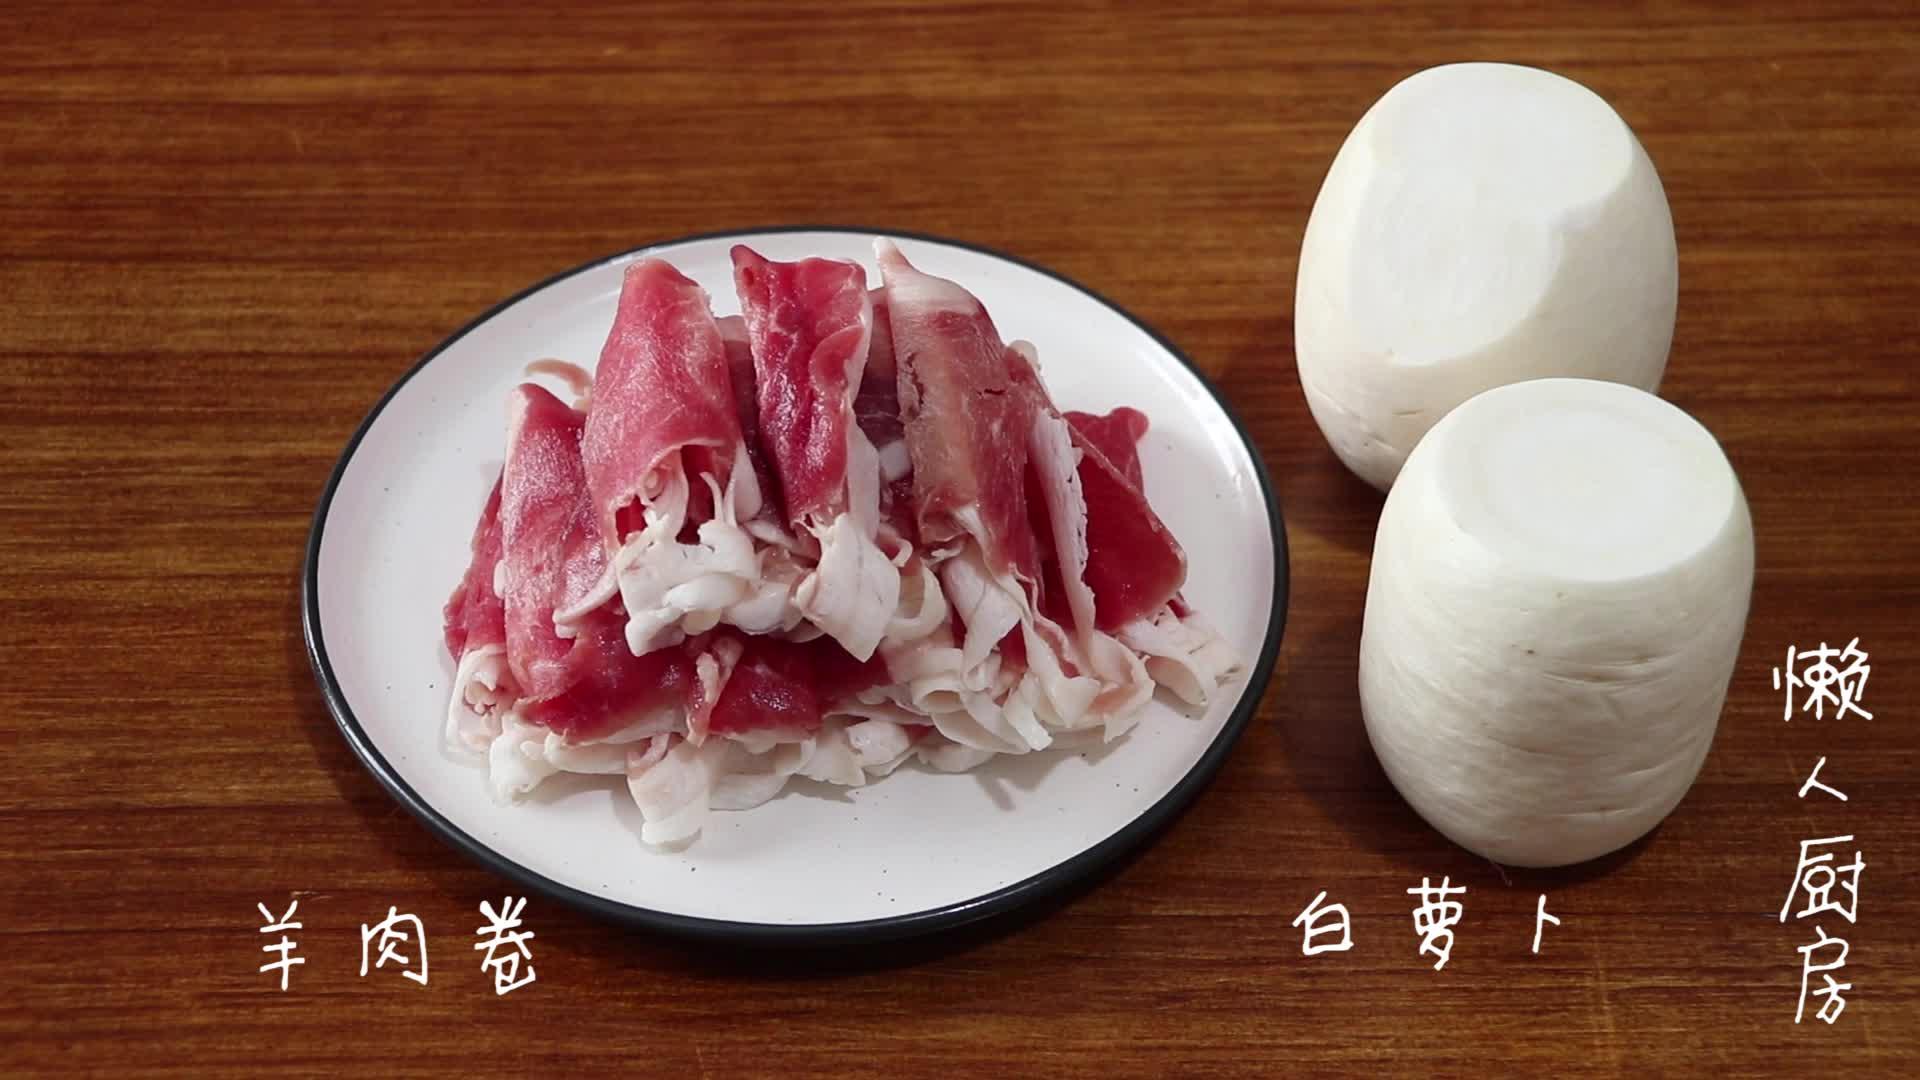 2个萝卜,一点羊肉卷,教你做懒人羊肉汤,省时又省事,超简单